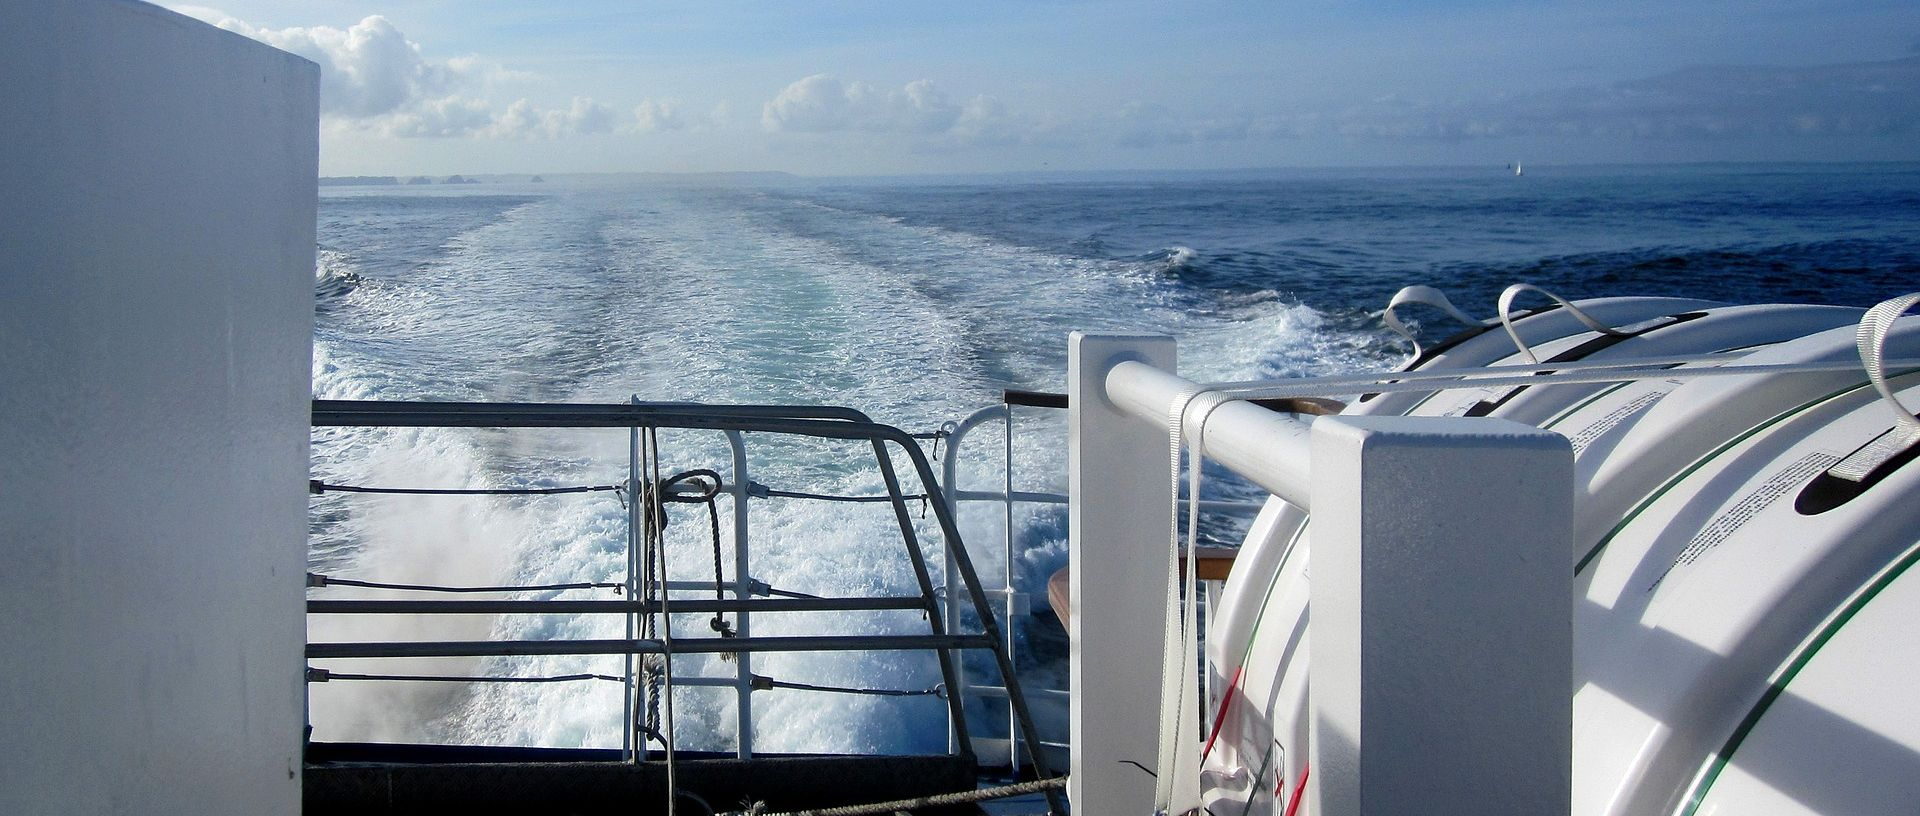 INDONEZIJA Najmanje pet mrtvih u požaru trajekta, 180 putnika spašeno